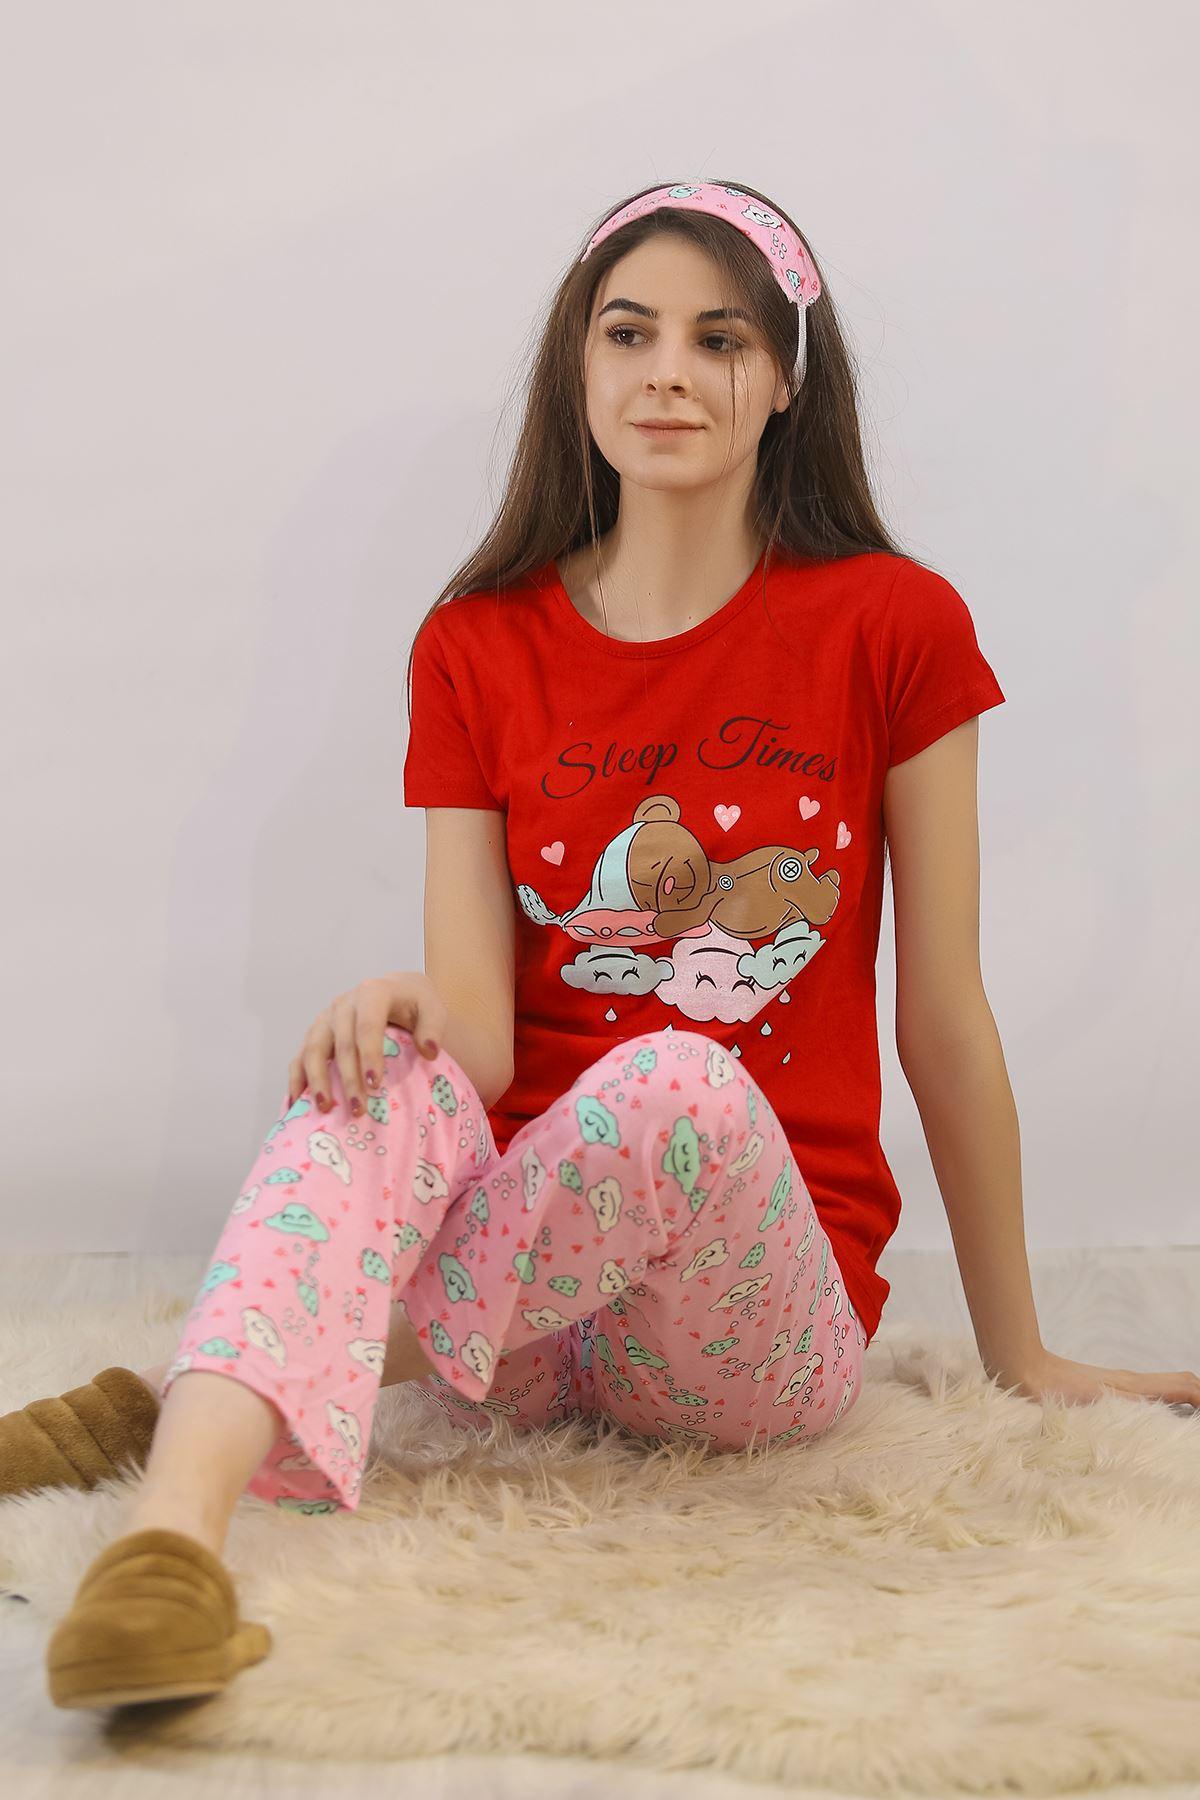 Baskılı Pijama Takımı Kırmızı - 4713.102.